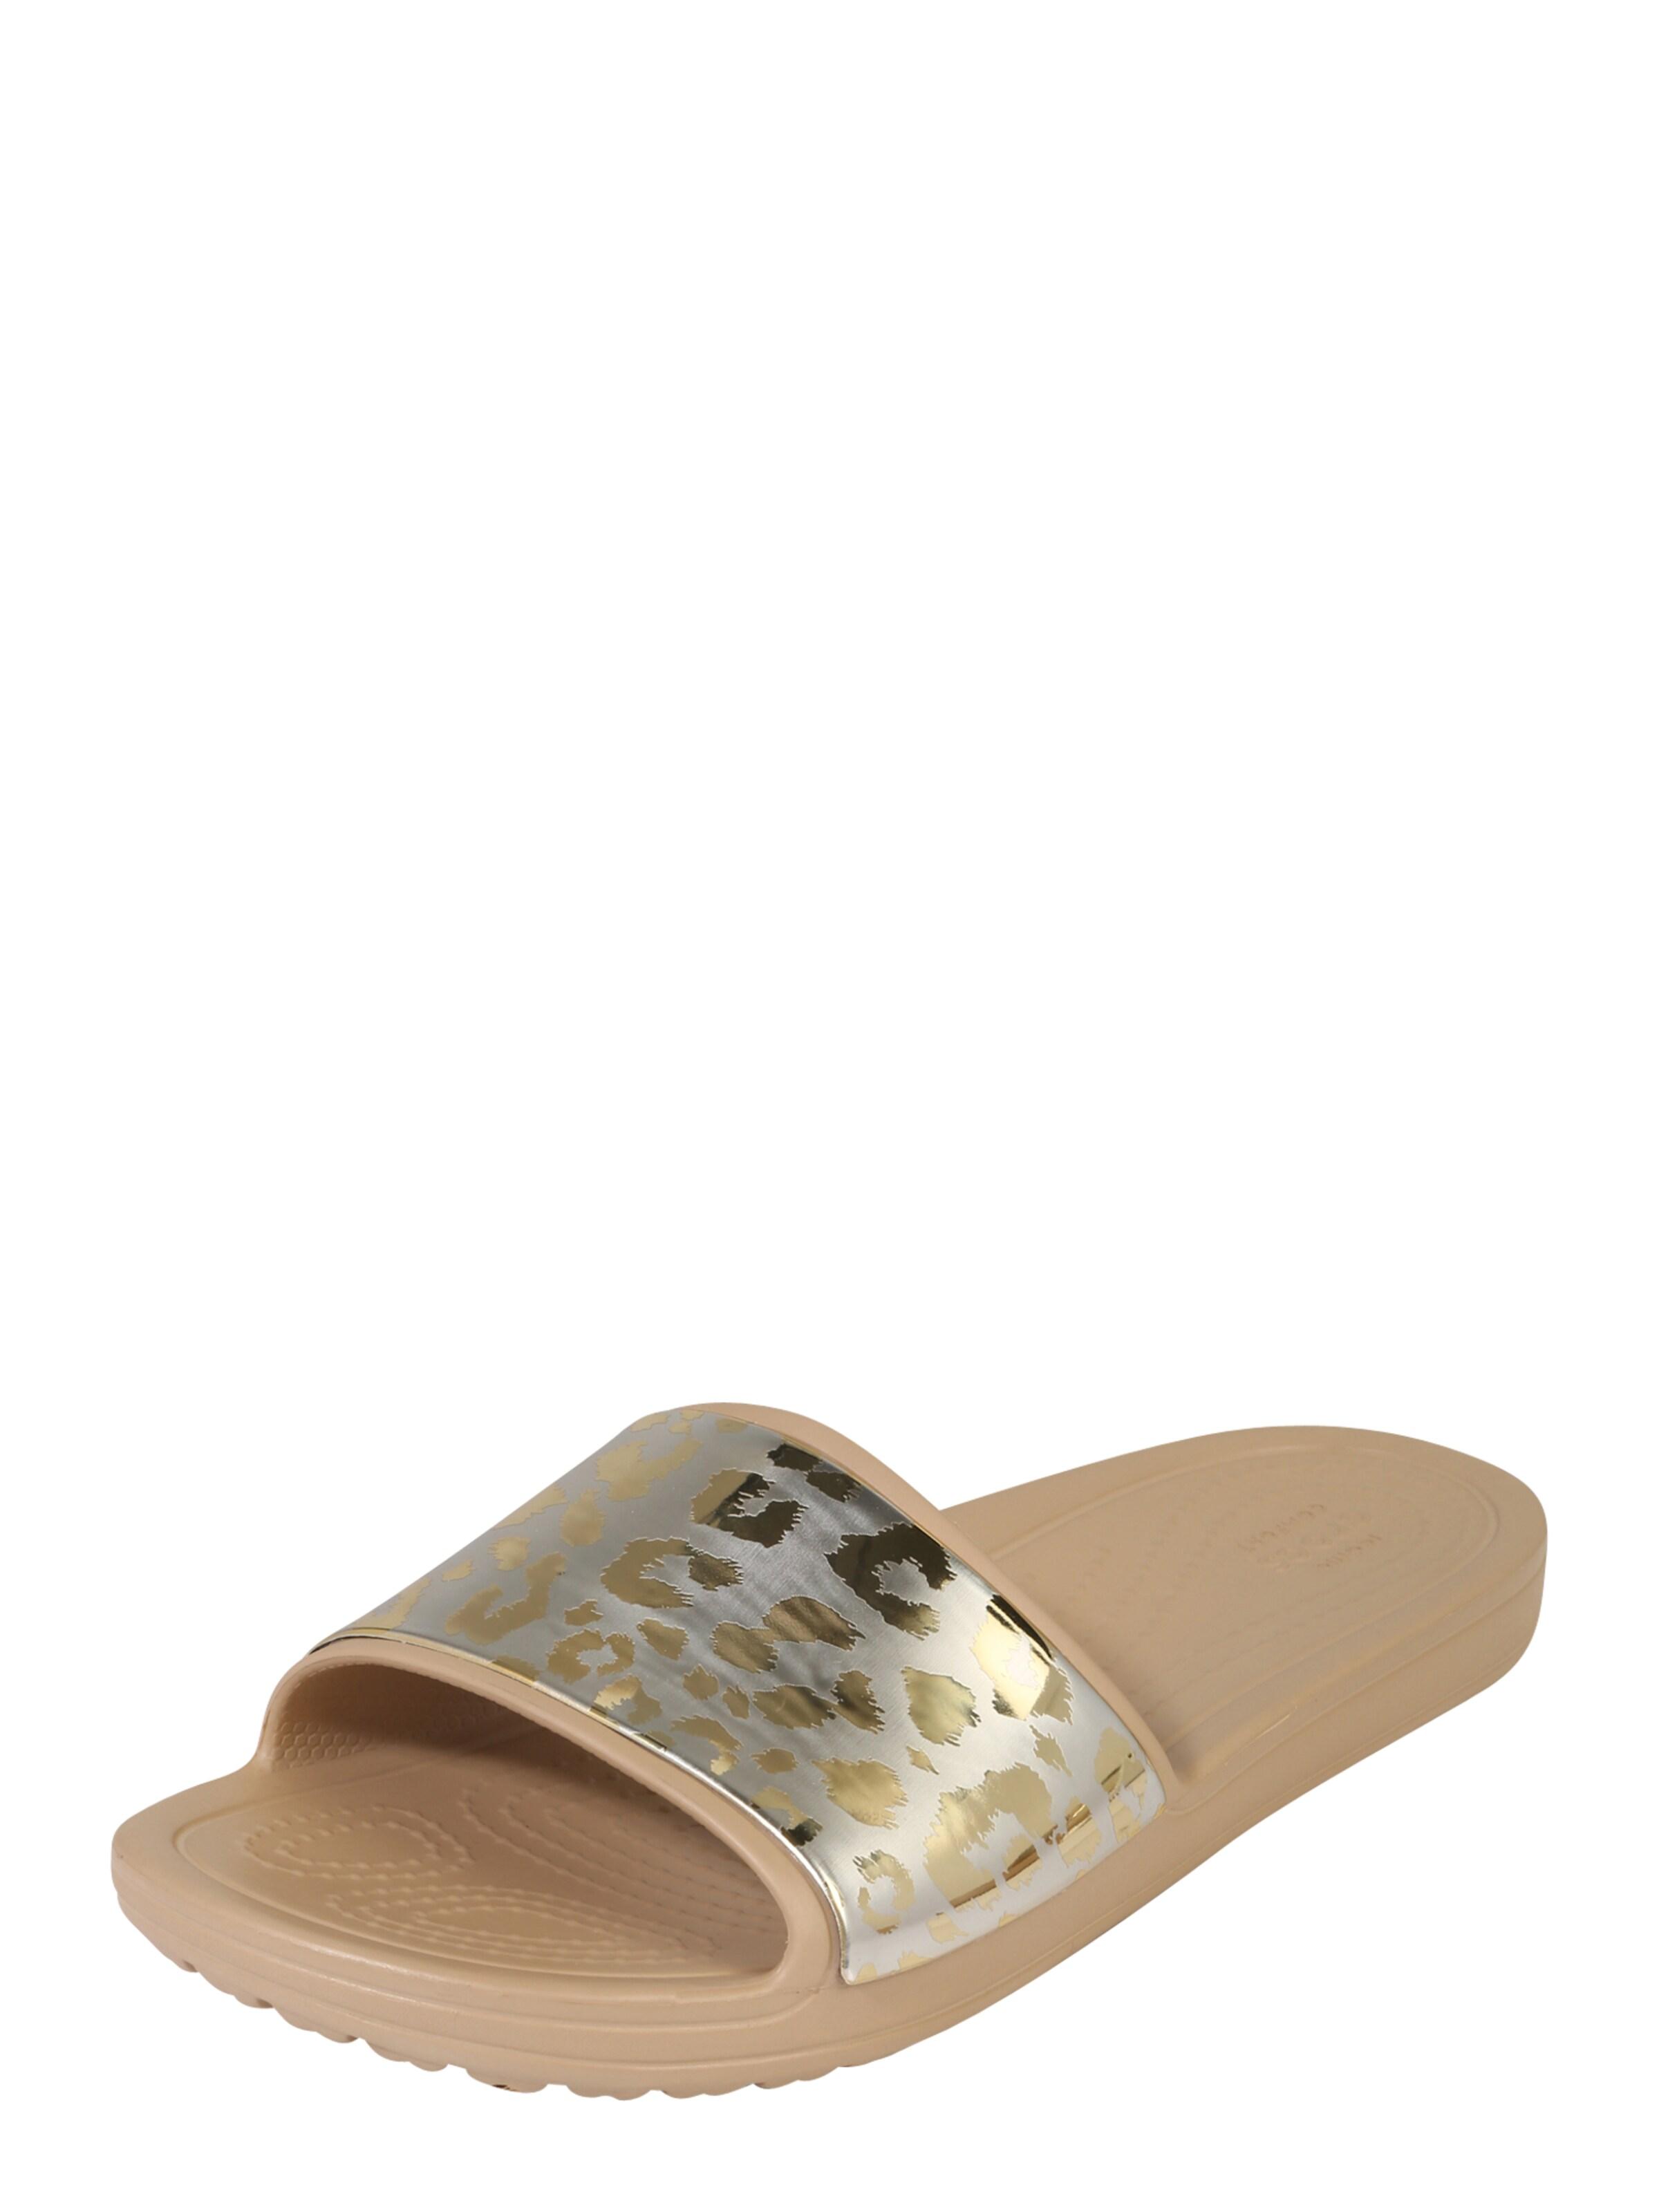 Or Pantoufle Crocs « Sloane » 6NbNO